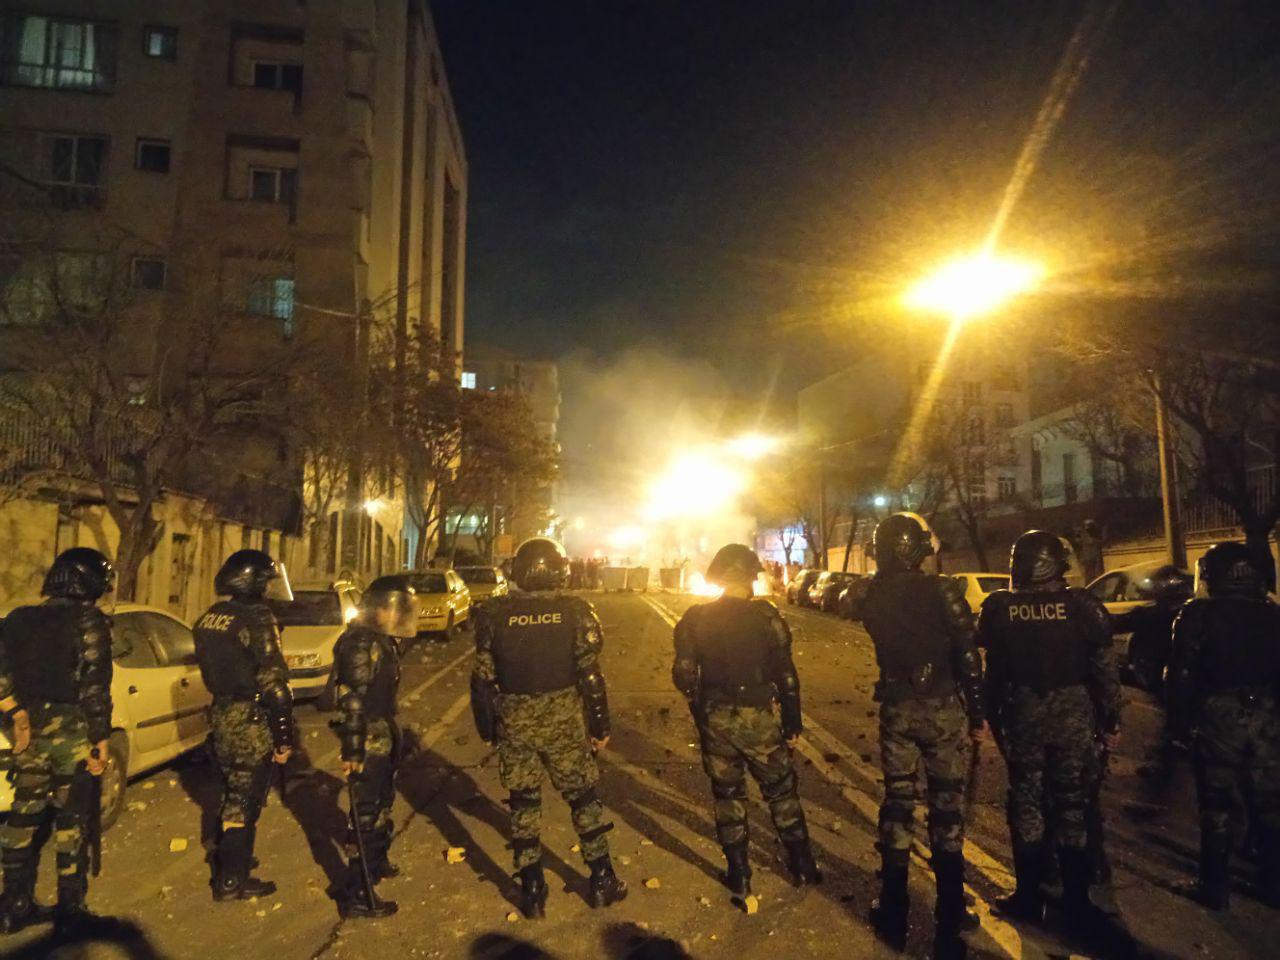 زیر کردن 3 مامور نیروی انتظامی توسط دراویش گنابادی در پاسداران تهران + دانلود فیلم